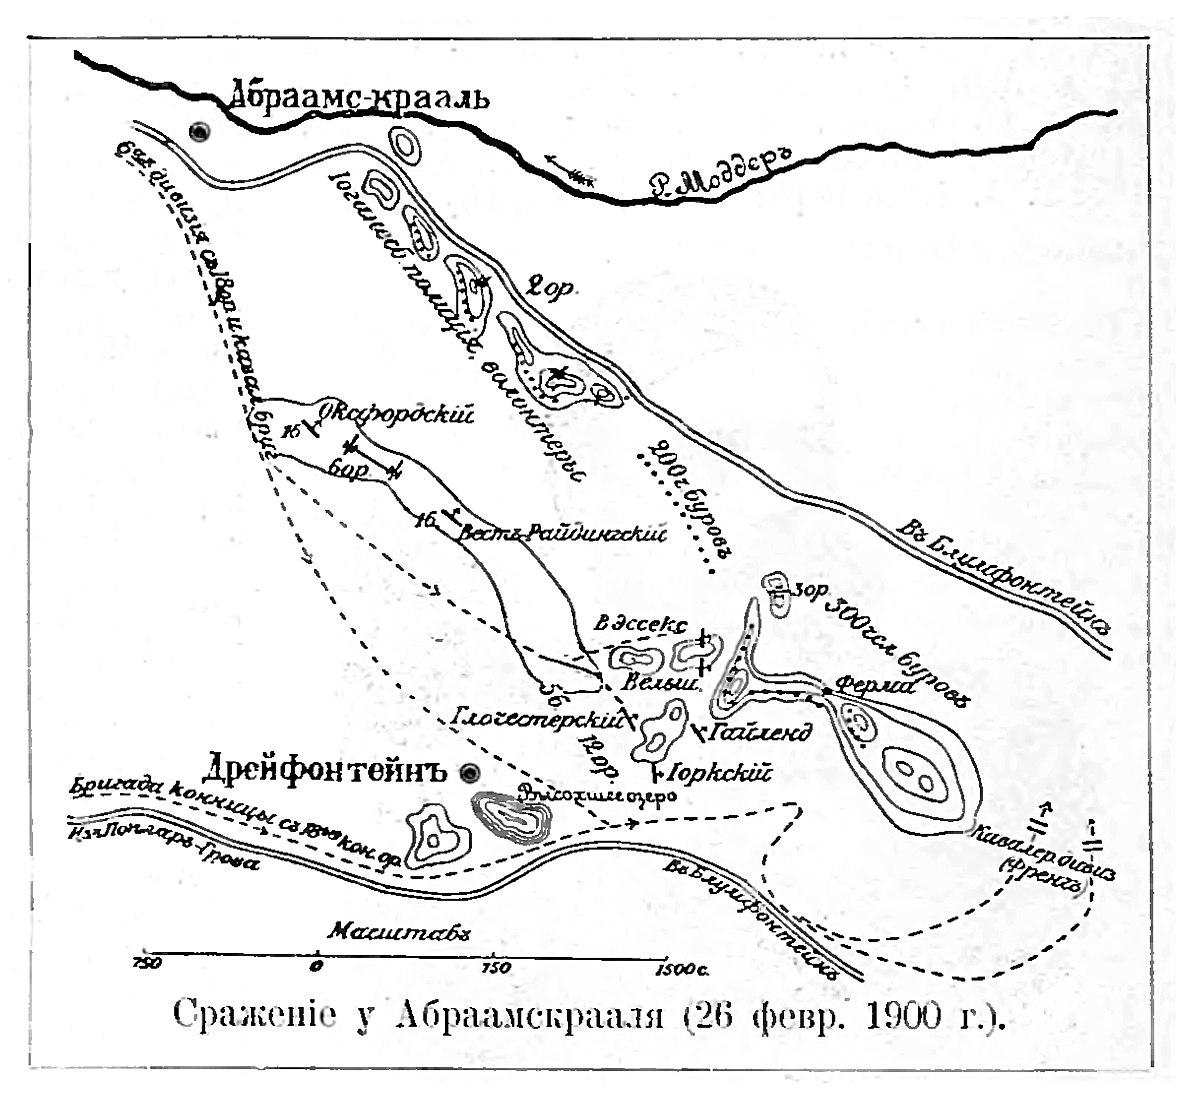 battle of driefontein